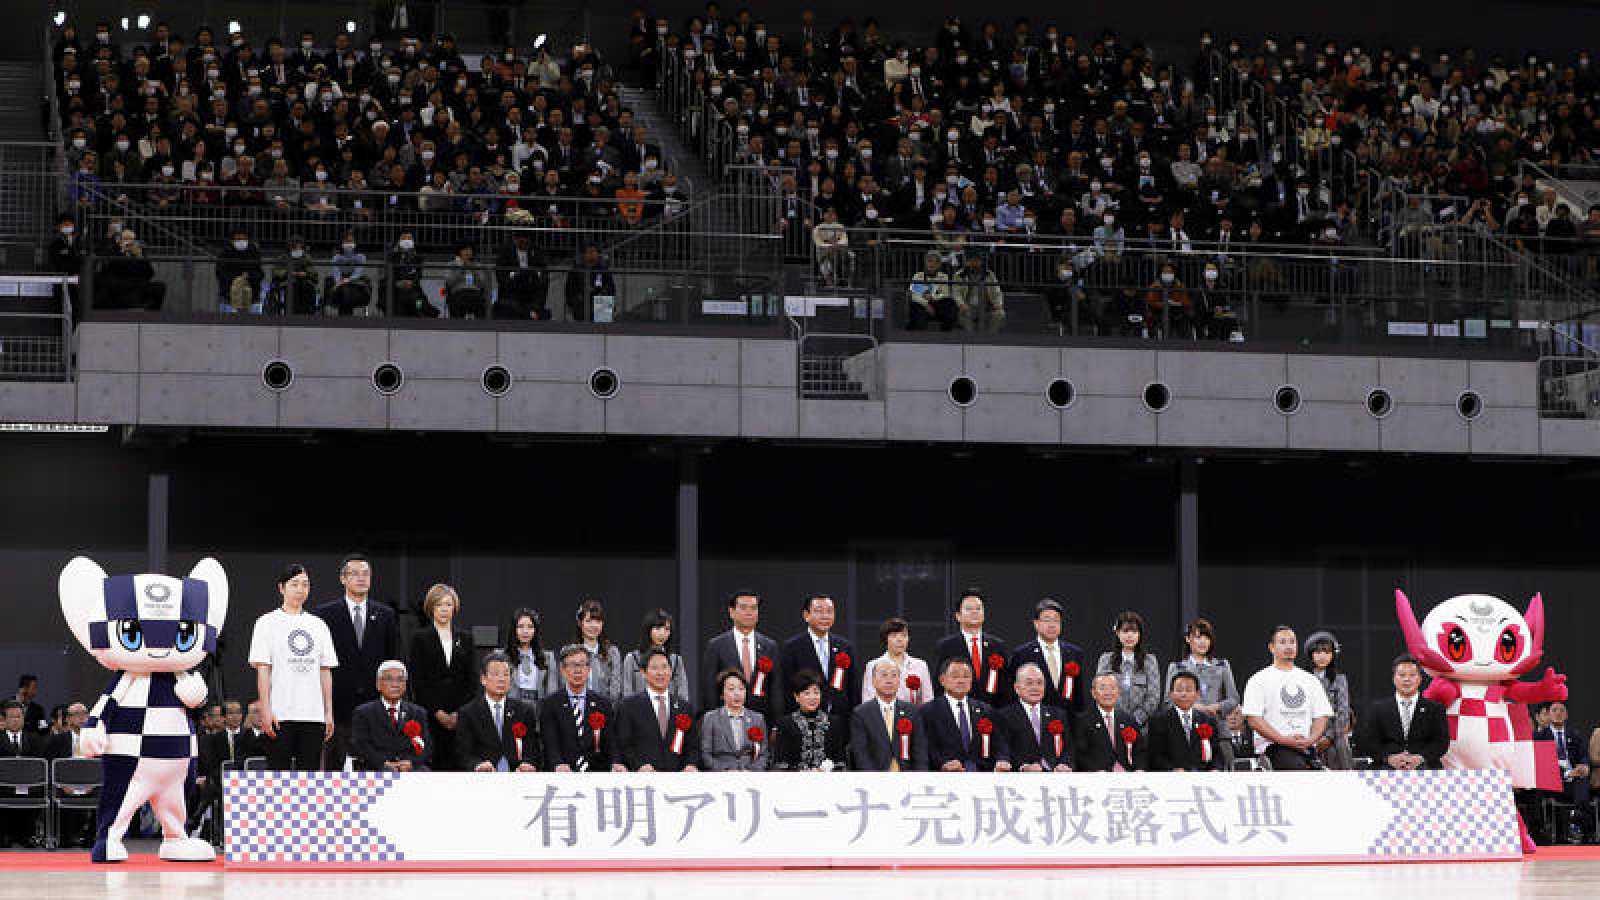 Imagen de la inauguración del Ariake Arena en Tokyo, sede de la competición de voleibol.